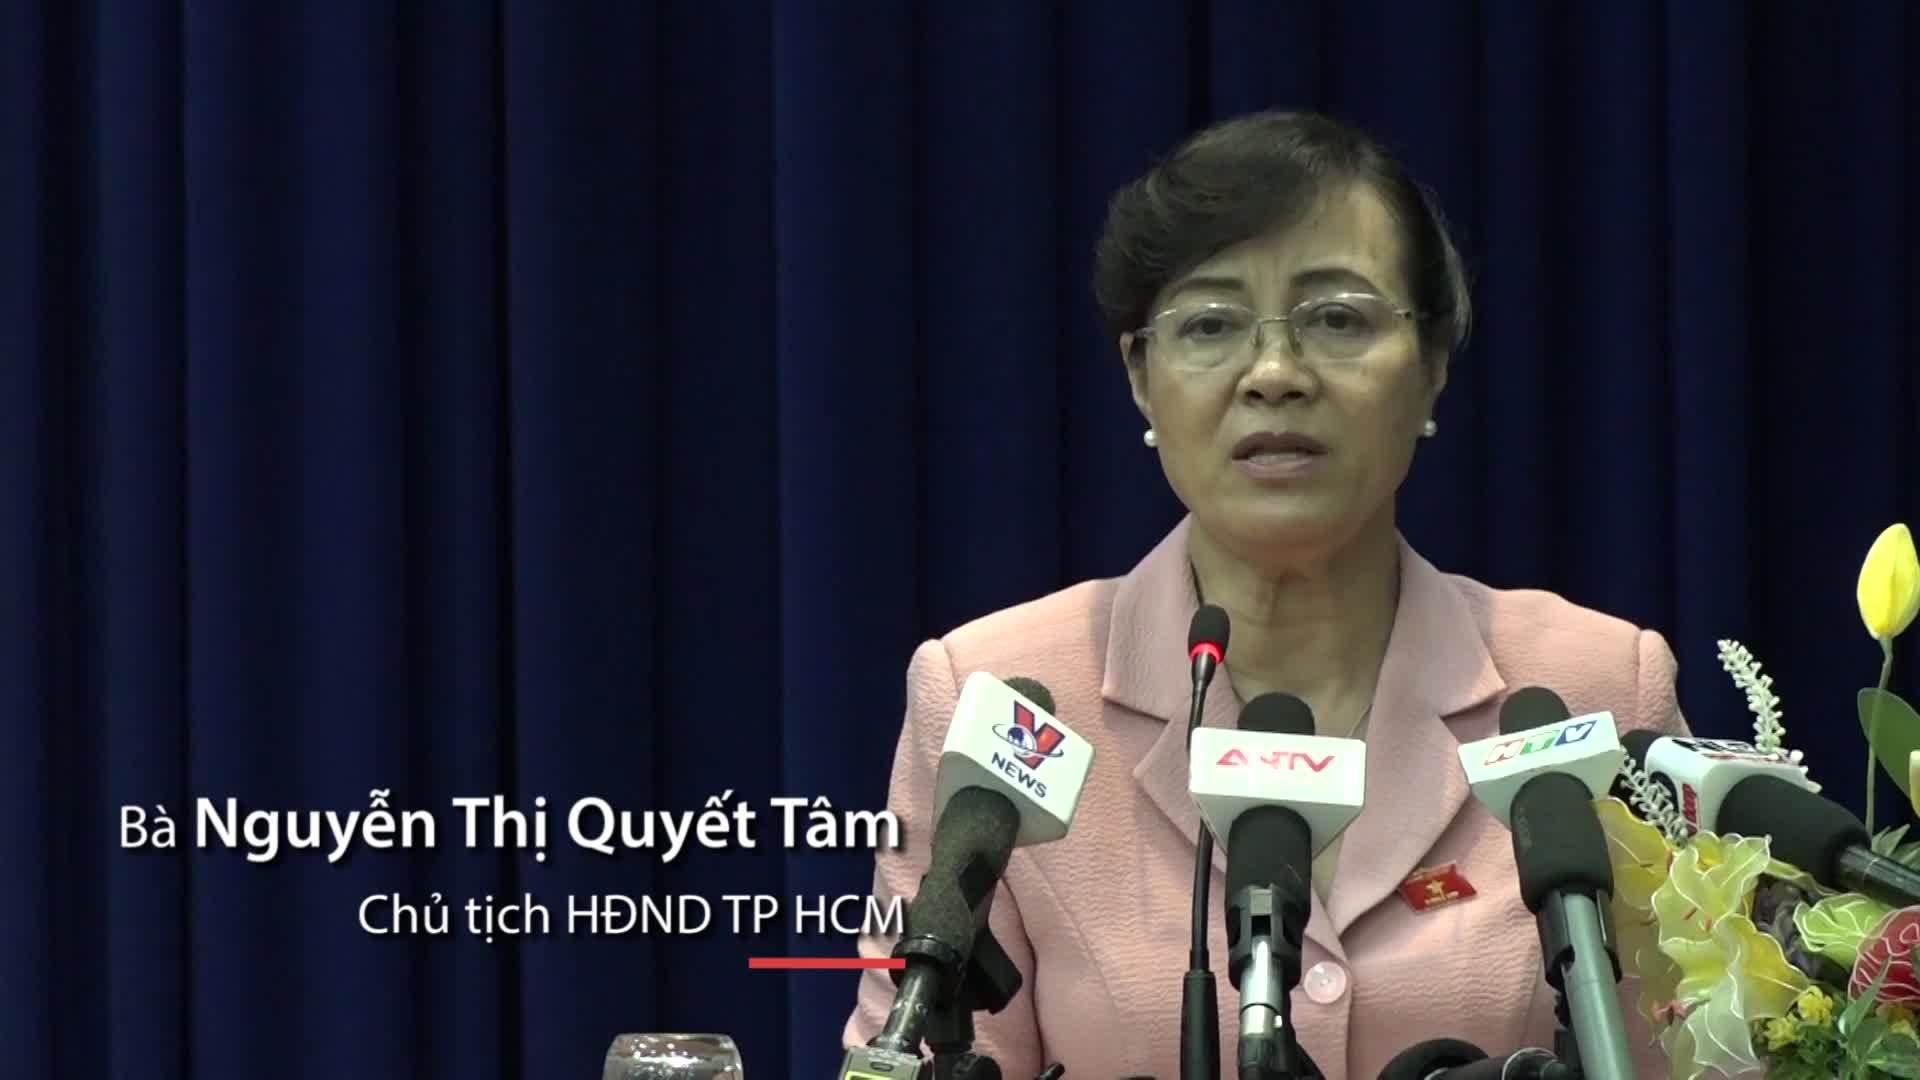 Chủ tịch HĐND TP HCM ray rứt với người dân Thủ Thiêm